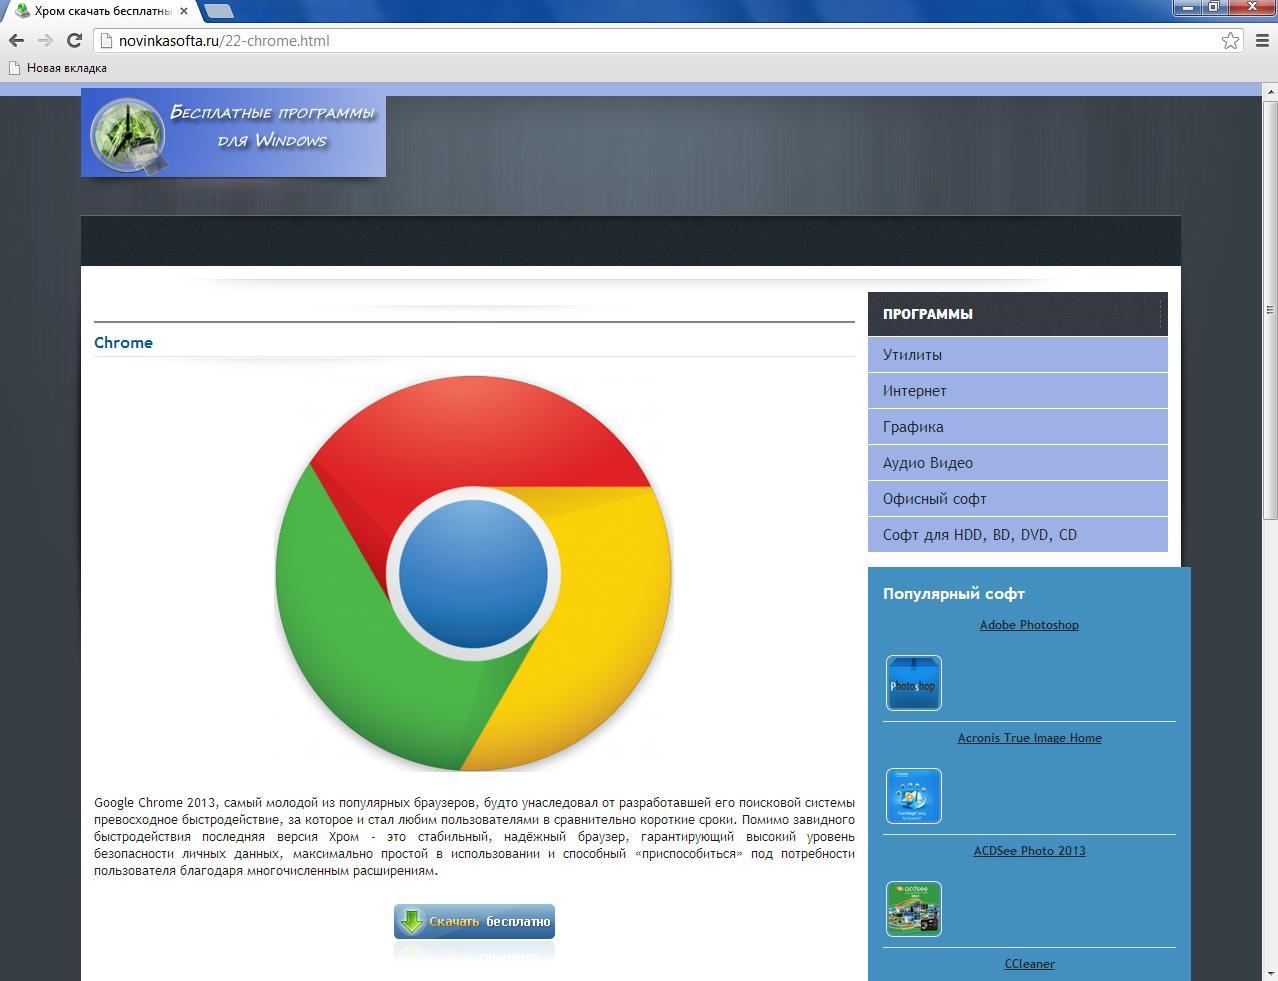 Тор браузер скачать бесплатно на русском для гугл хром vpn for tor browser hyrda вход